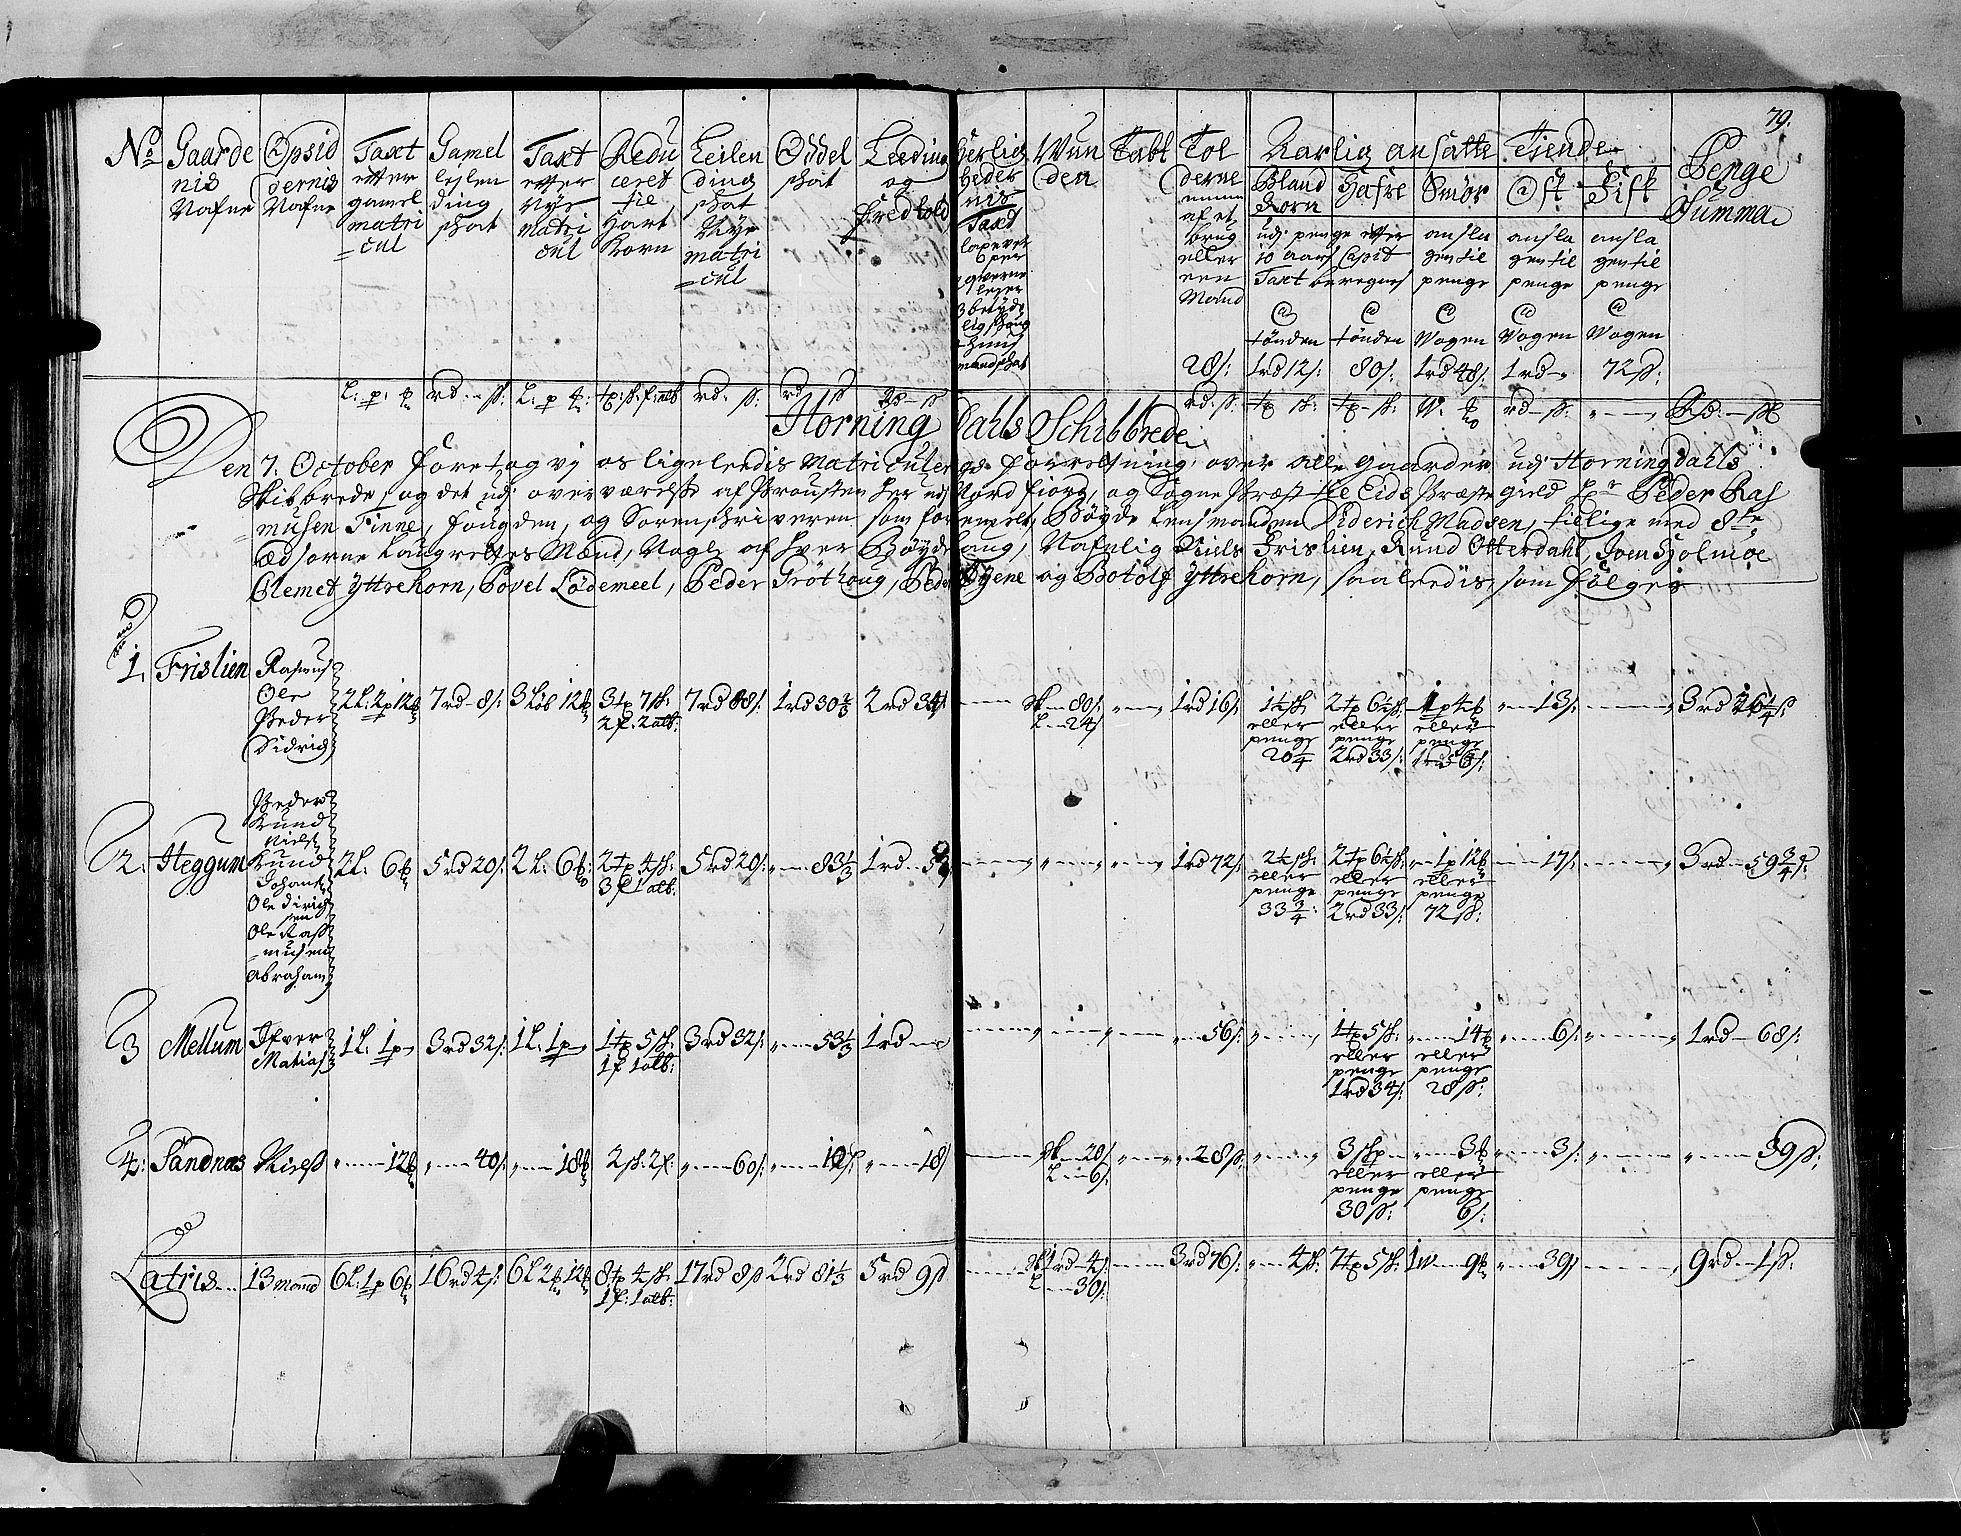 RA, Rentekammeret inntil 1814, Realistisk ordnet avdeling, N/Nb/Nbf/L0147: Sunnfjord og Nordfjord matrikkelprotokoll, 1723, s. 78b-79a